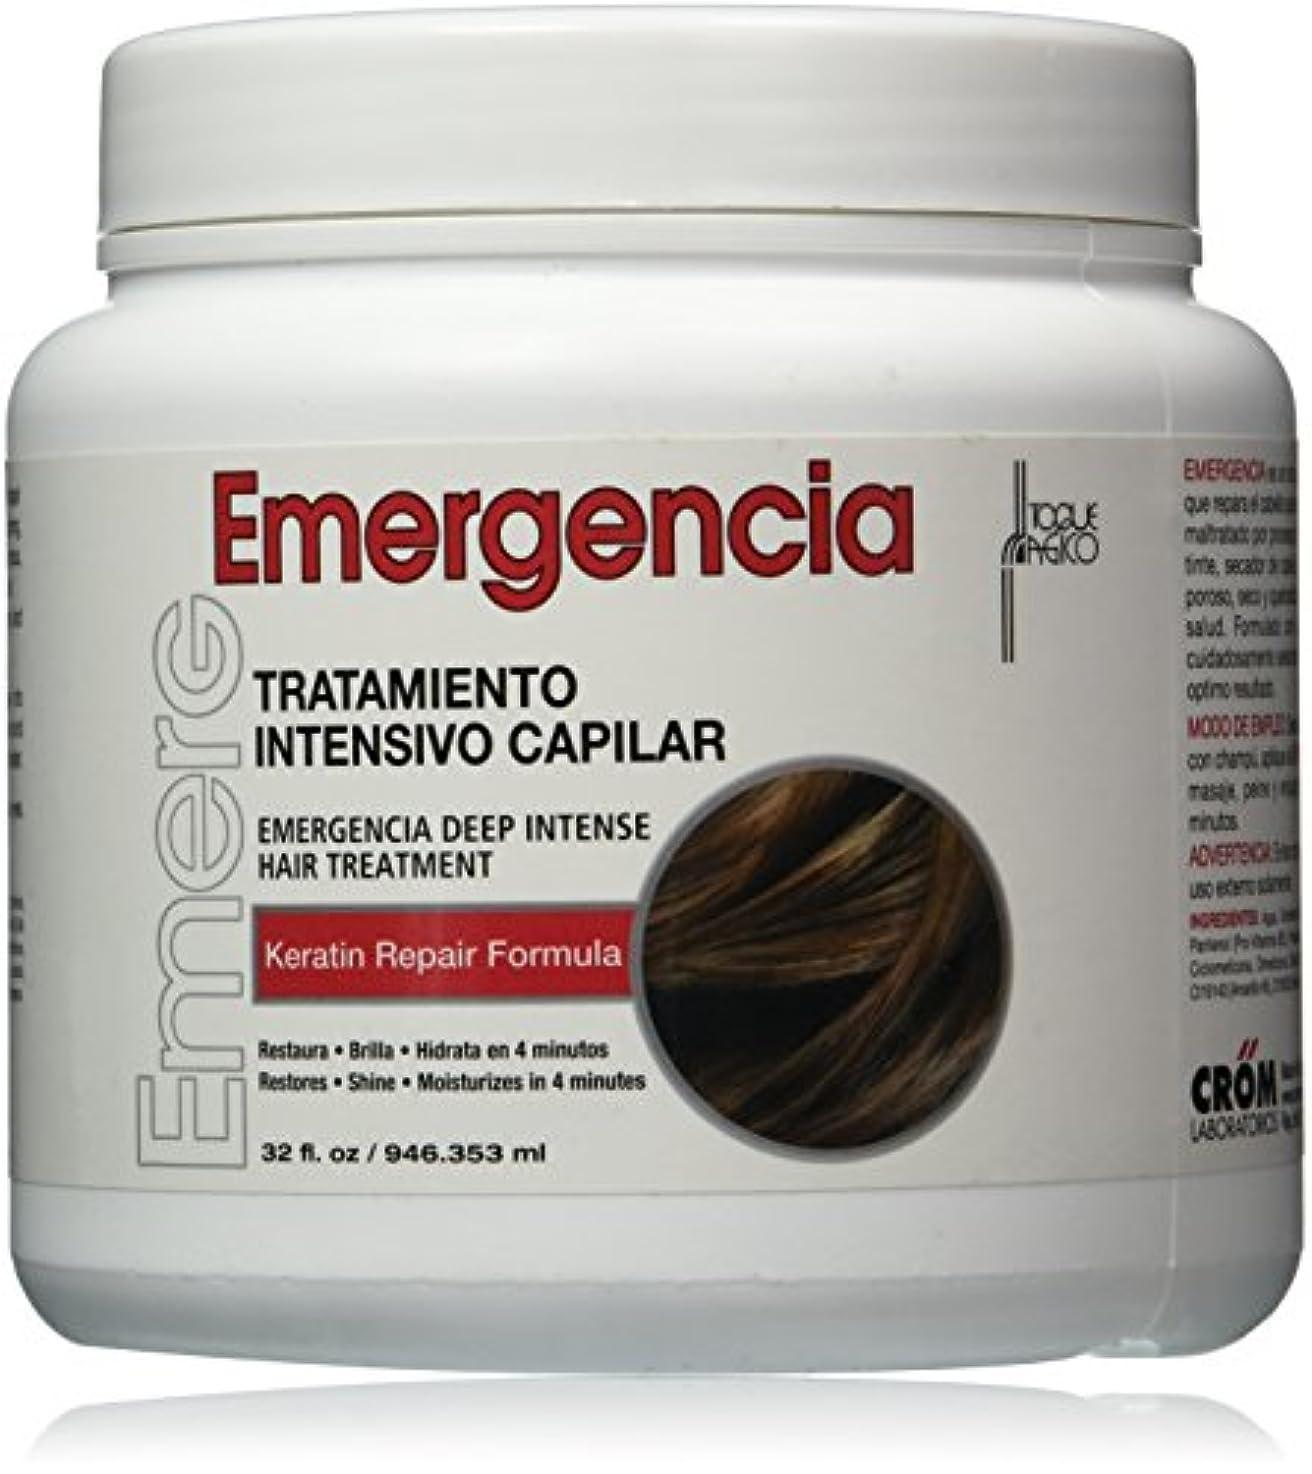 行変位ハグTOQUE MAGICO Emergencia ユニセックスのためにディープインテンシブヘアトリートメント、32オンス